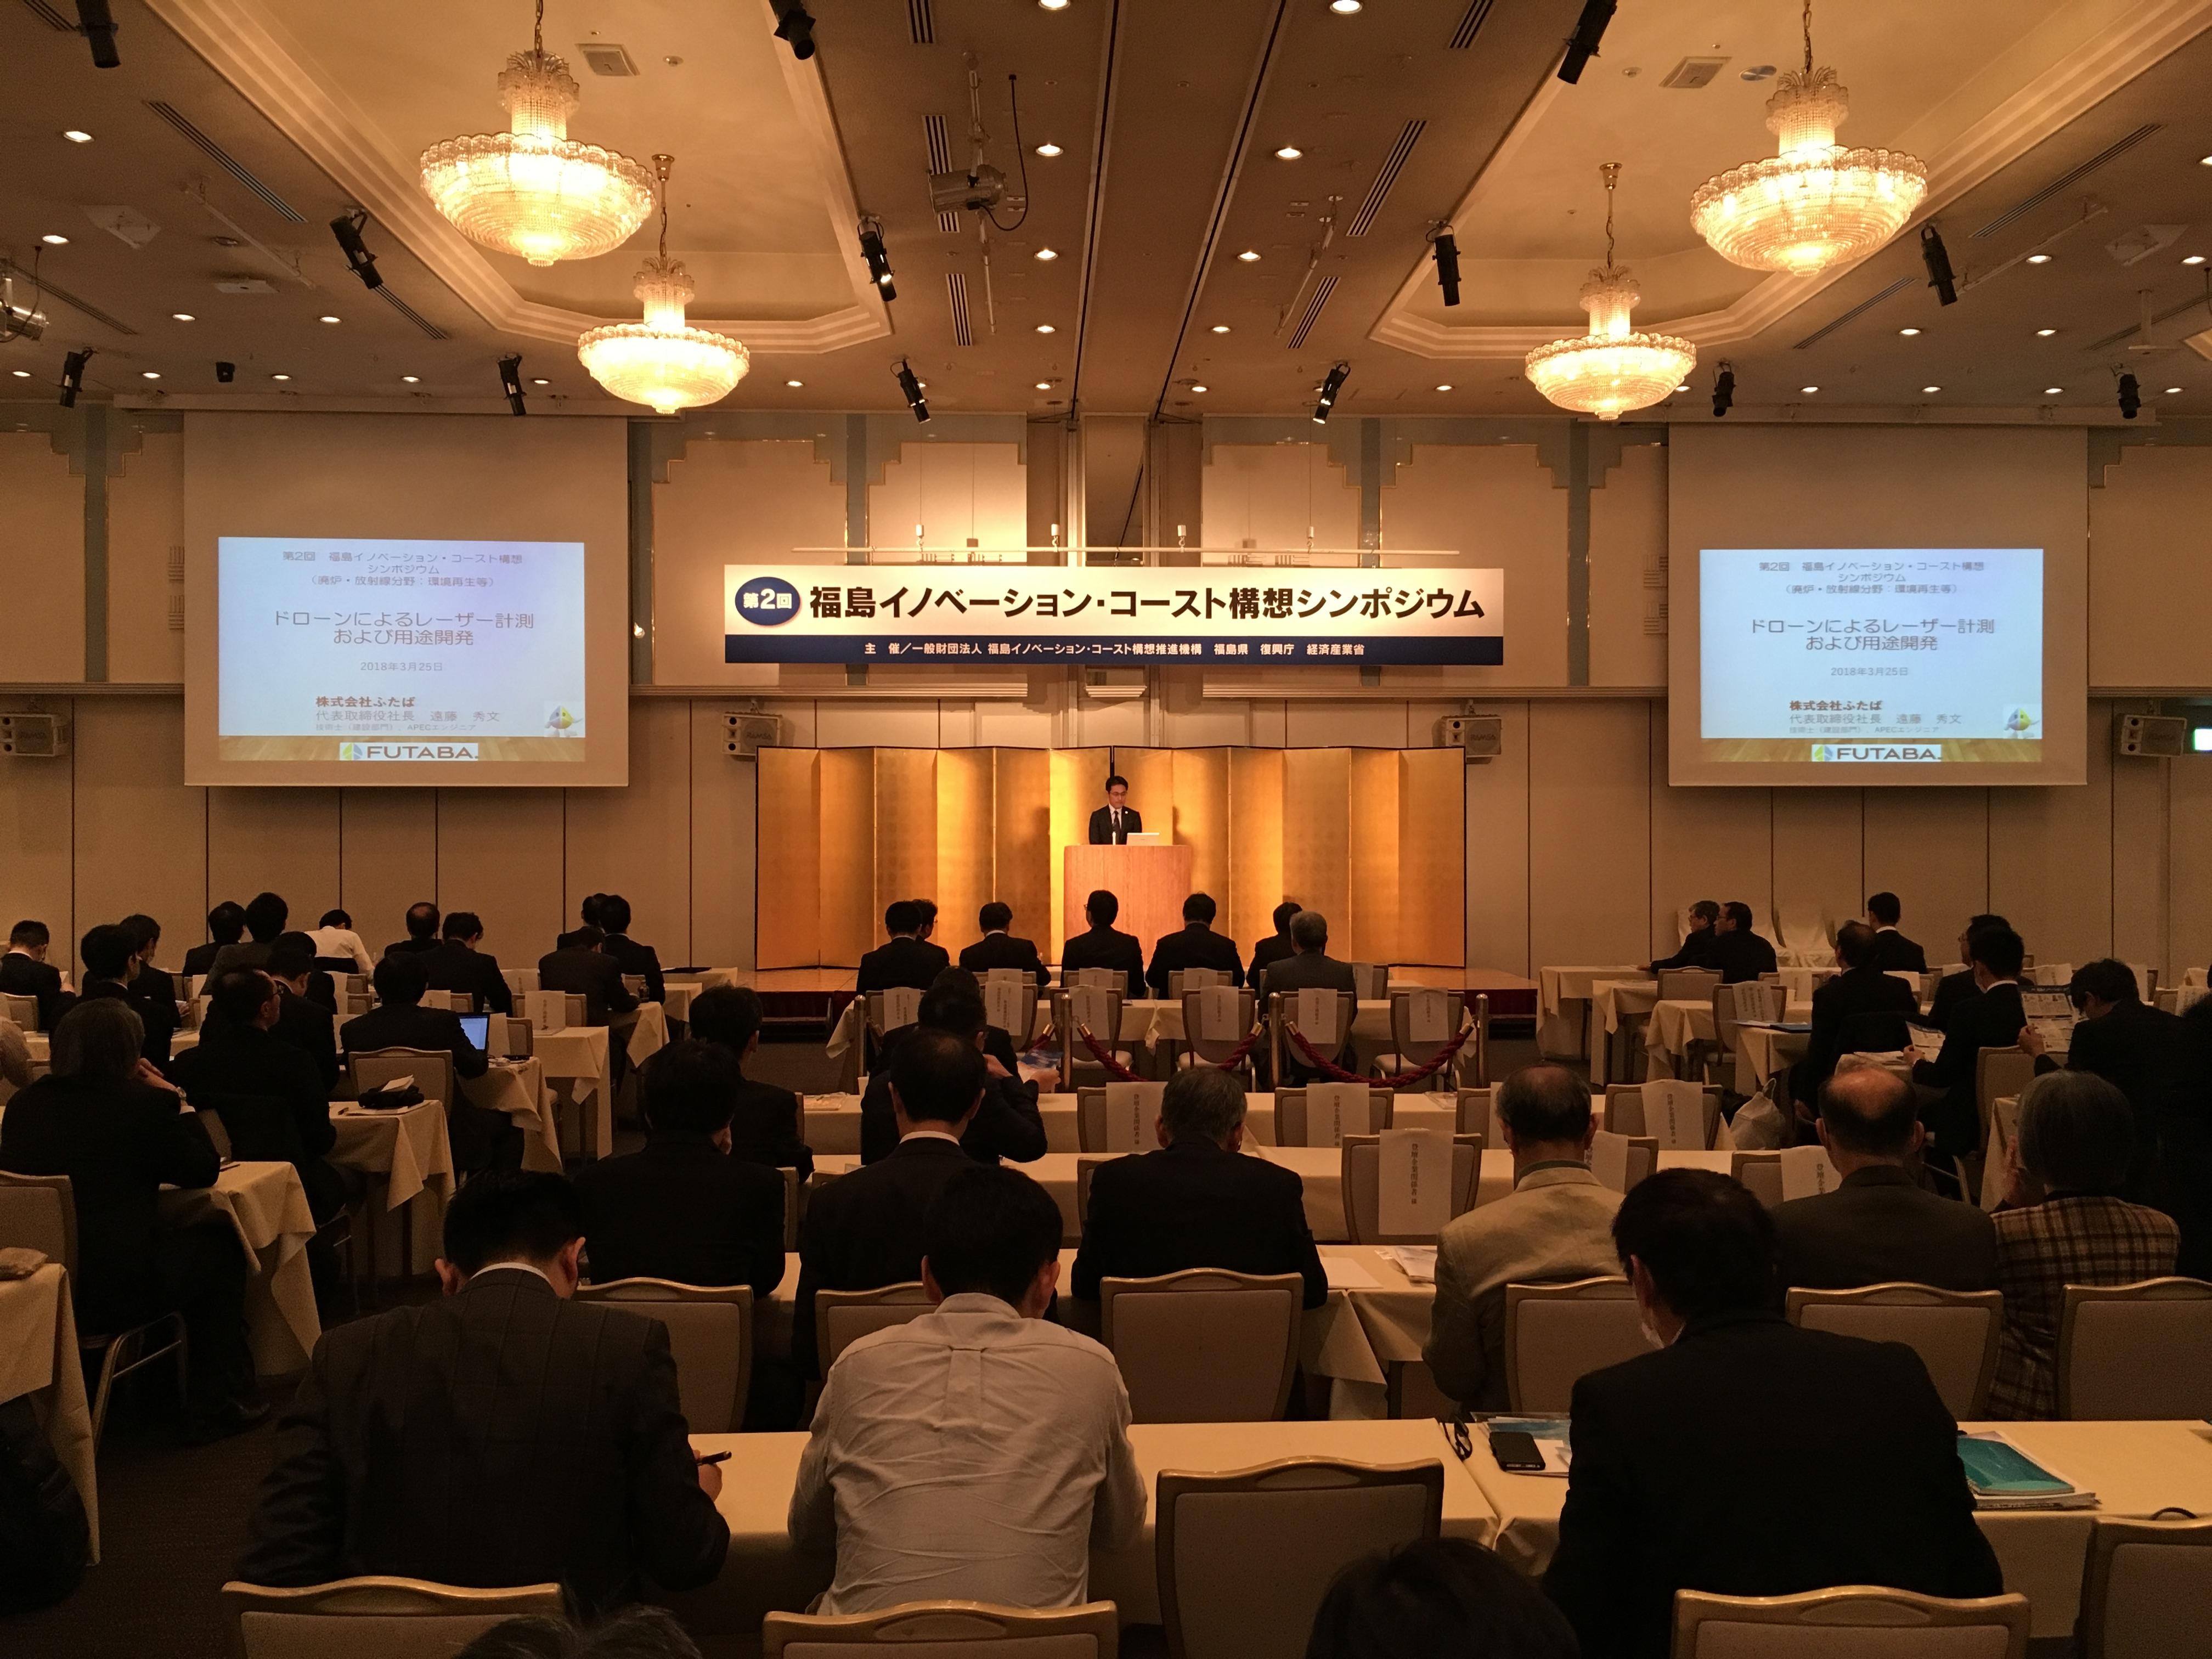 第2回福島イノベーション・コースト構想シンポジウムで社長が登壇の画像